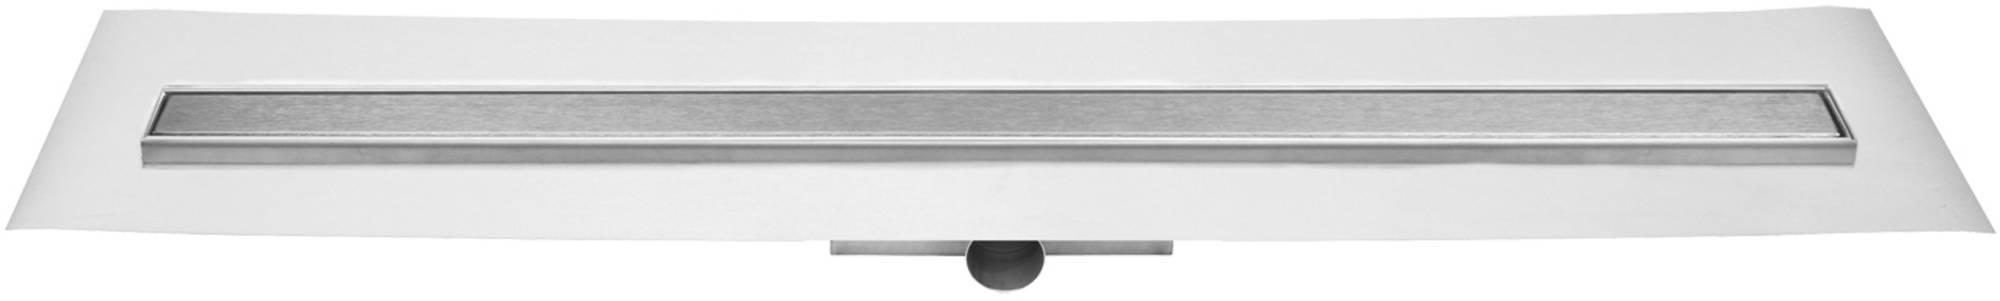 Easydrain Compact ff zero afvoergoot 80x6 cm, zijaansluiting, rvs